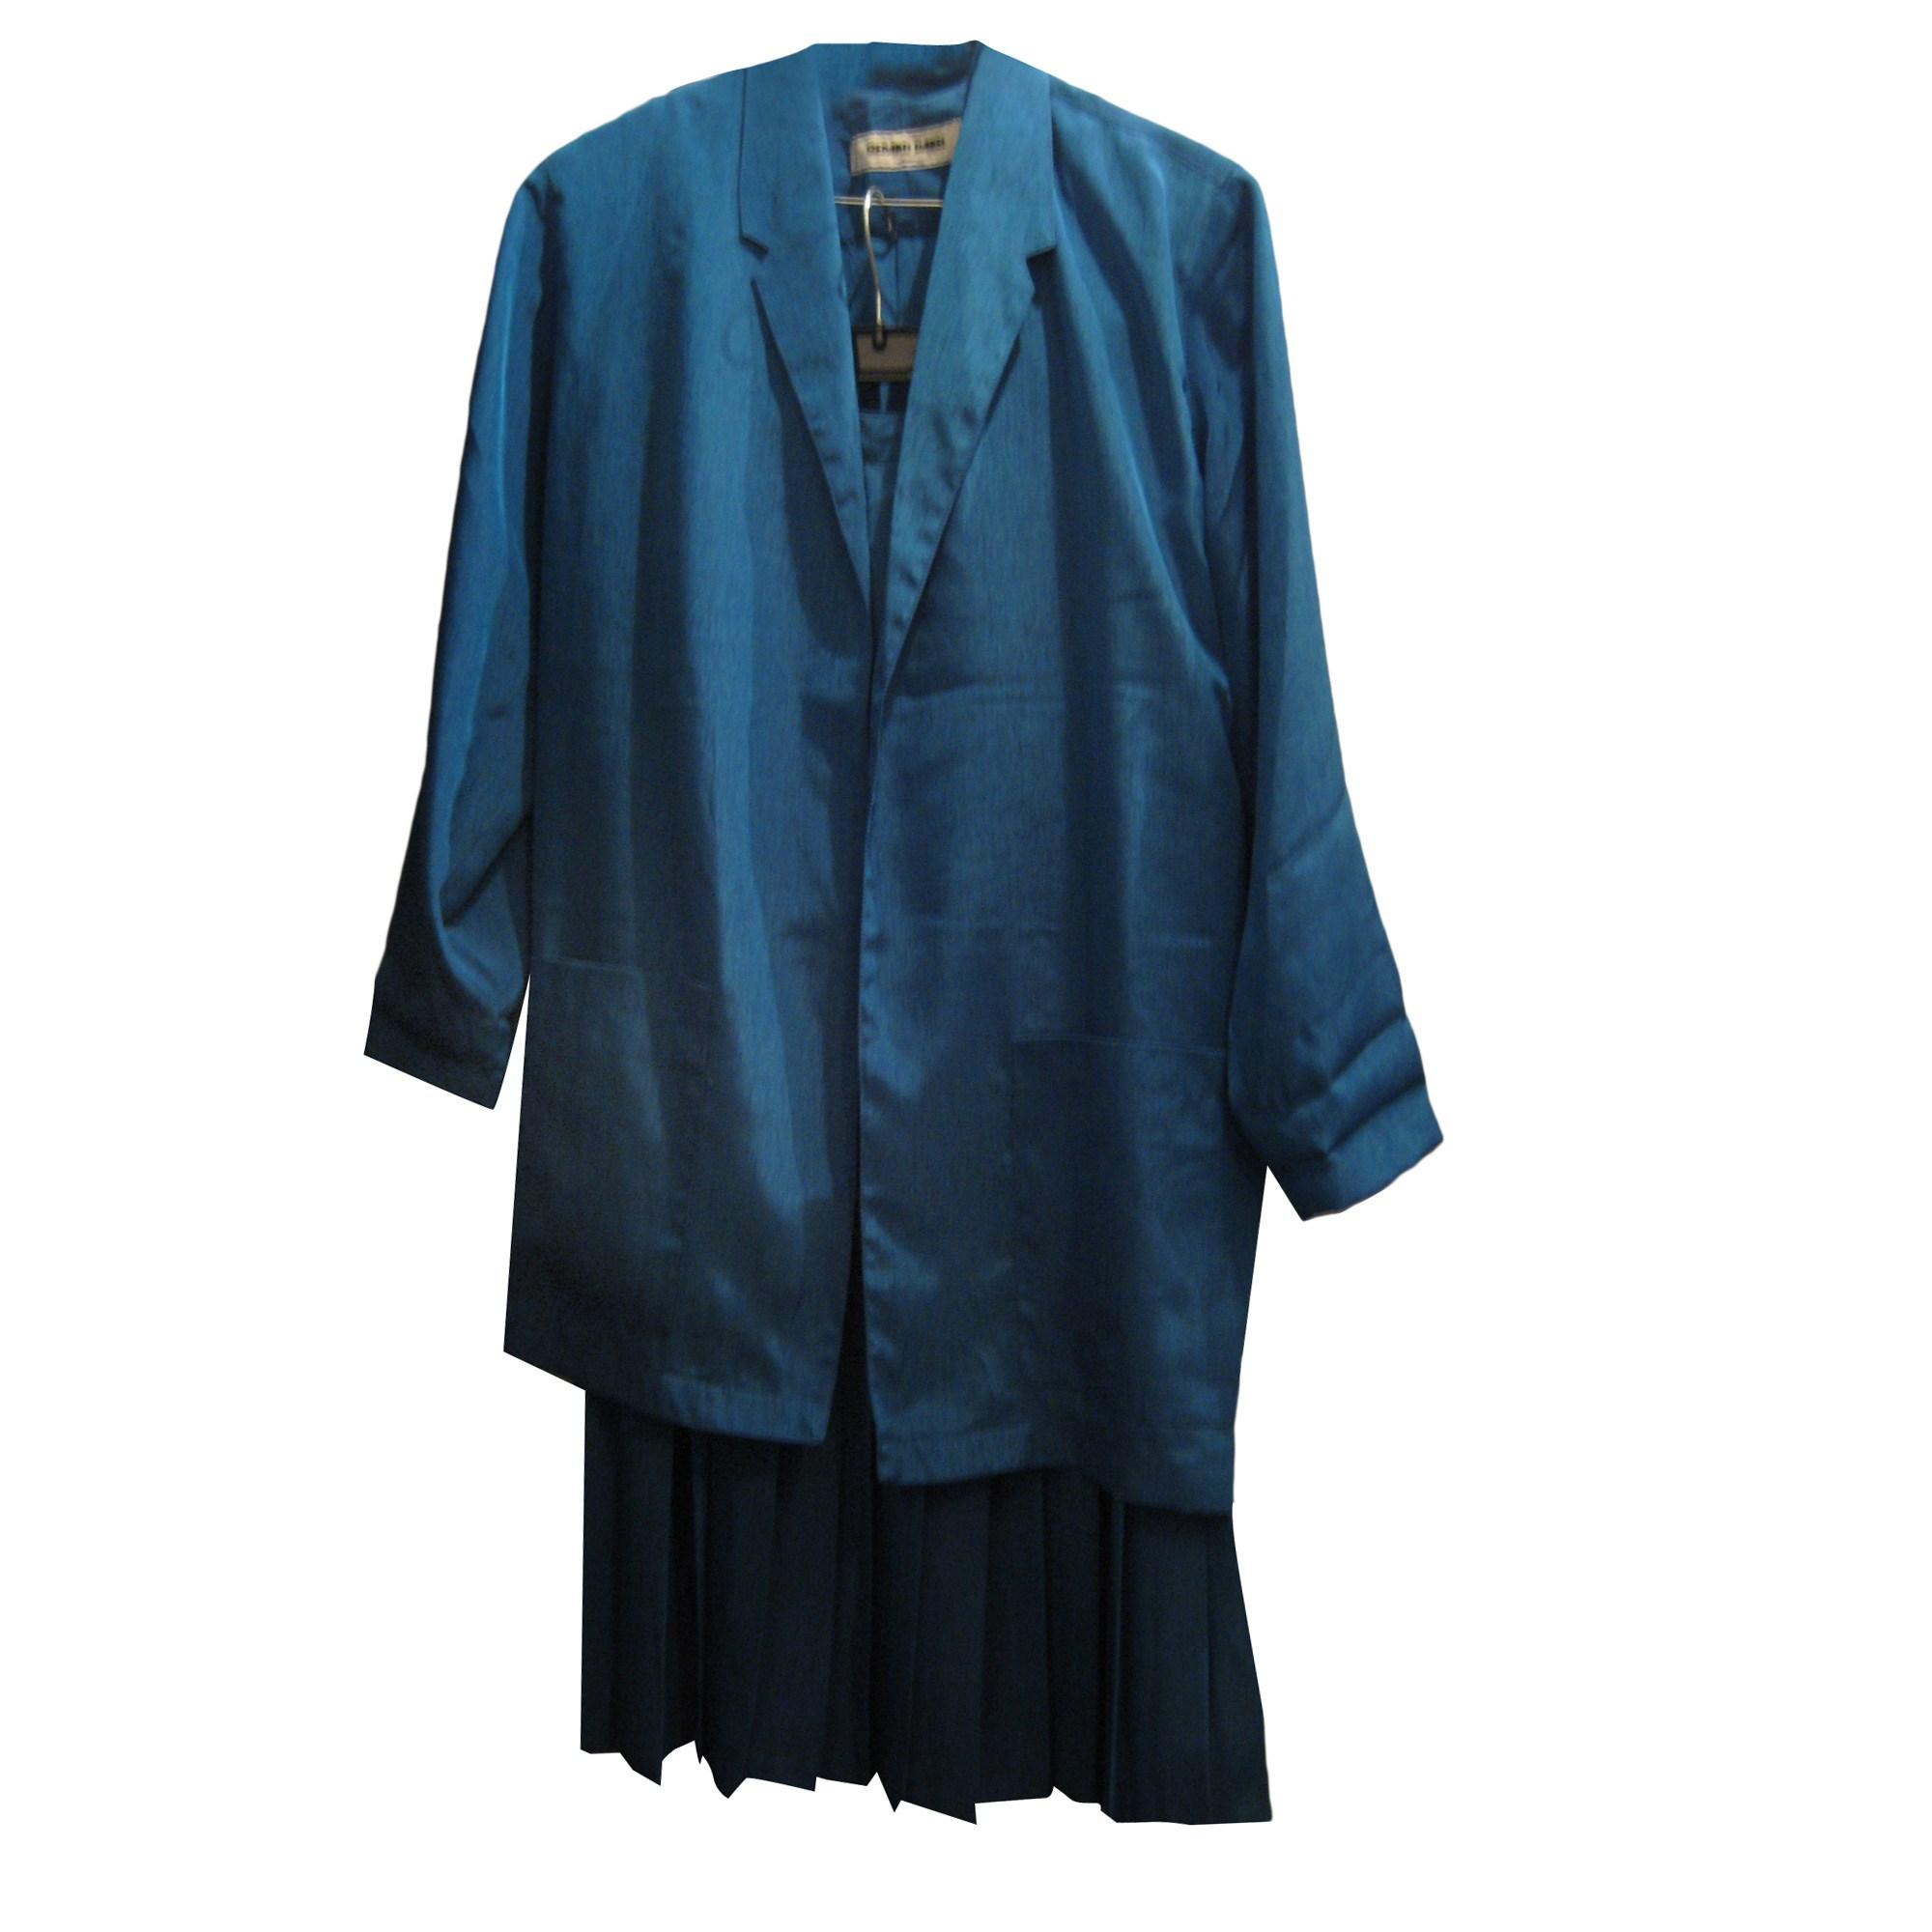 Tailleur jupe GERARD DAREL Bleu, bleu marine, bleu turquoise